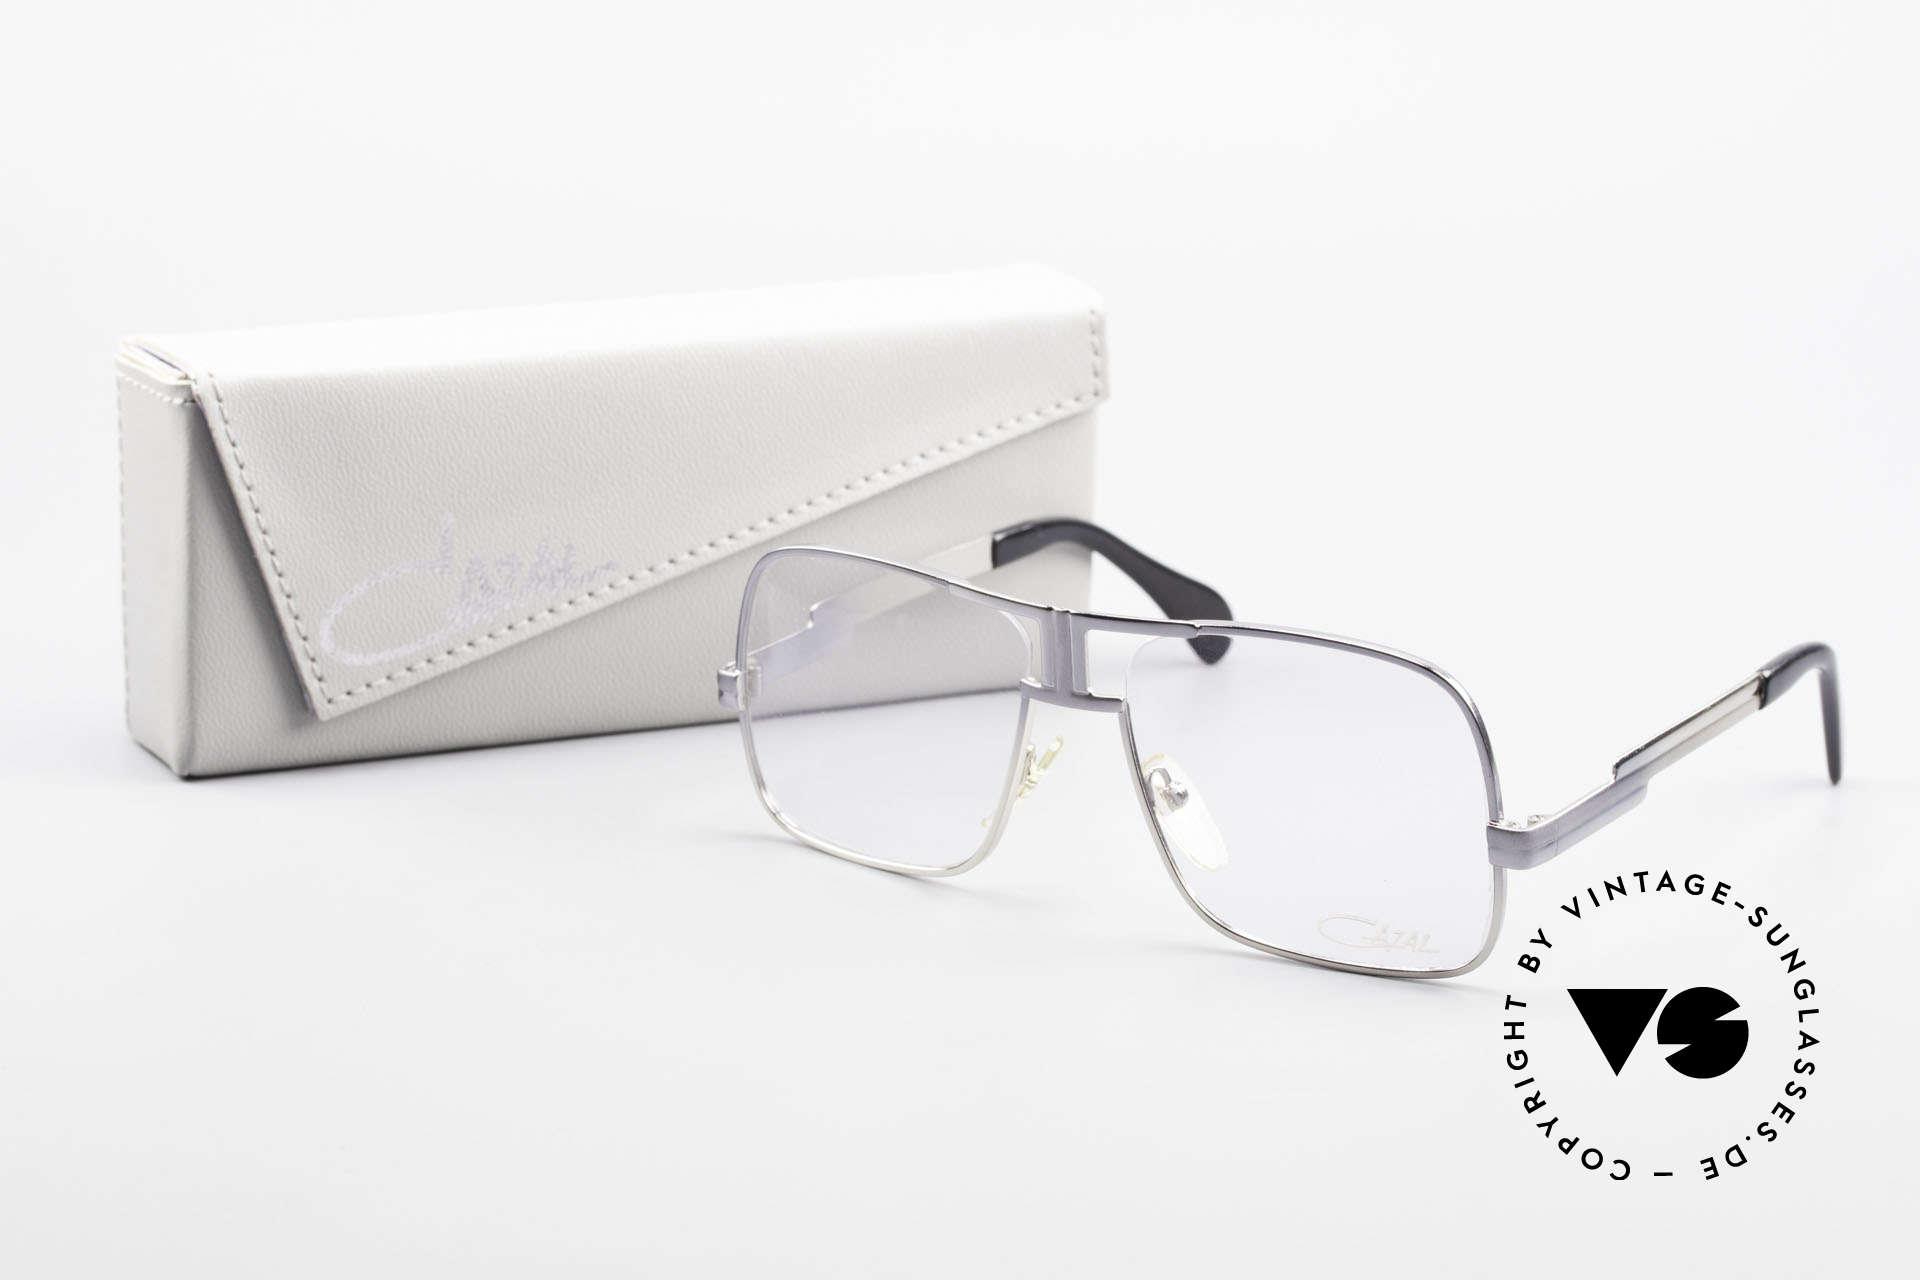 Cazal 701 Ultra Seltene Cazal 70er Brille, KEINE Retrobrille, sondern ein 40 Jahre altes Original, Passend für Herren